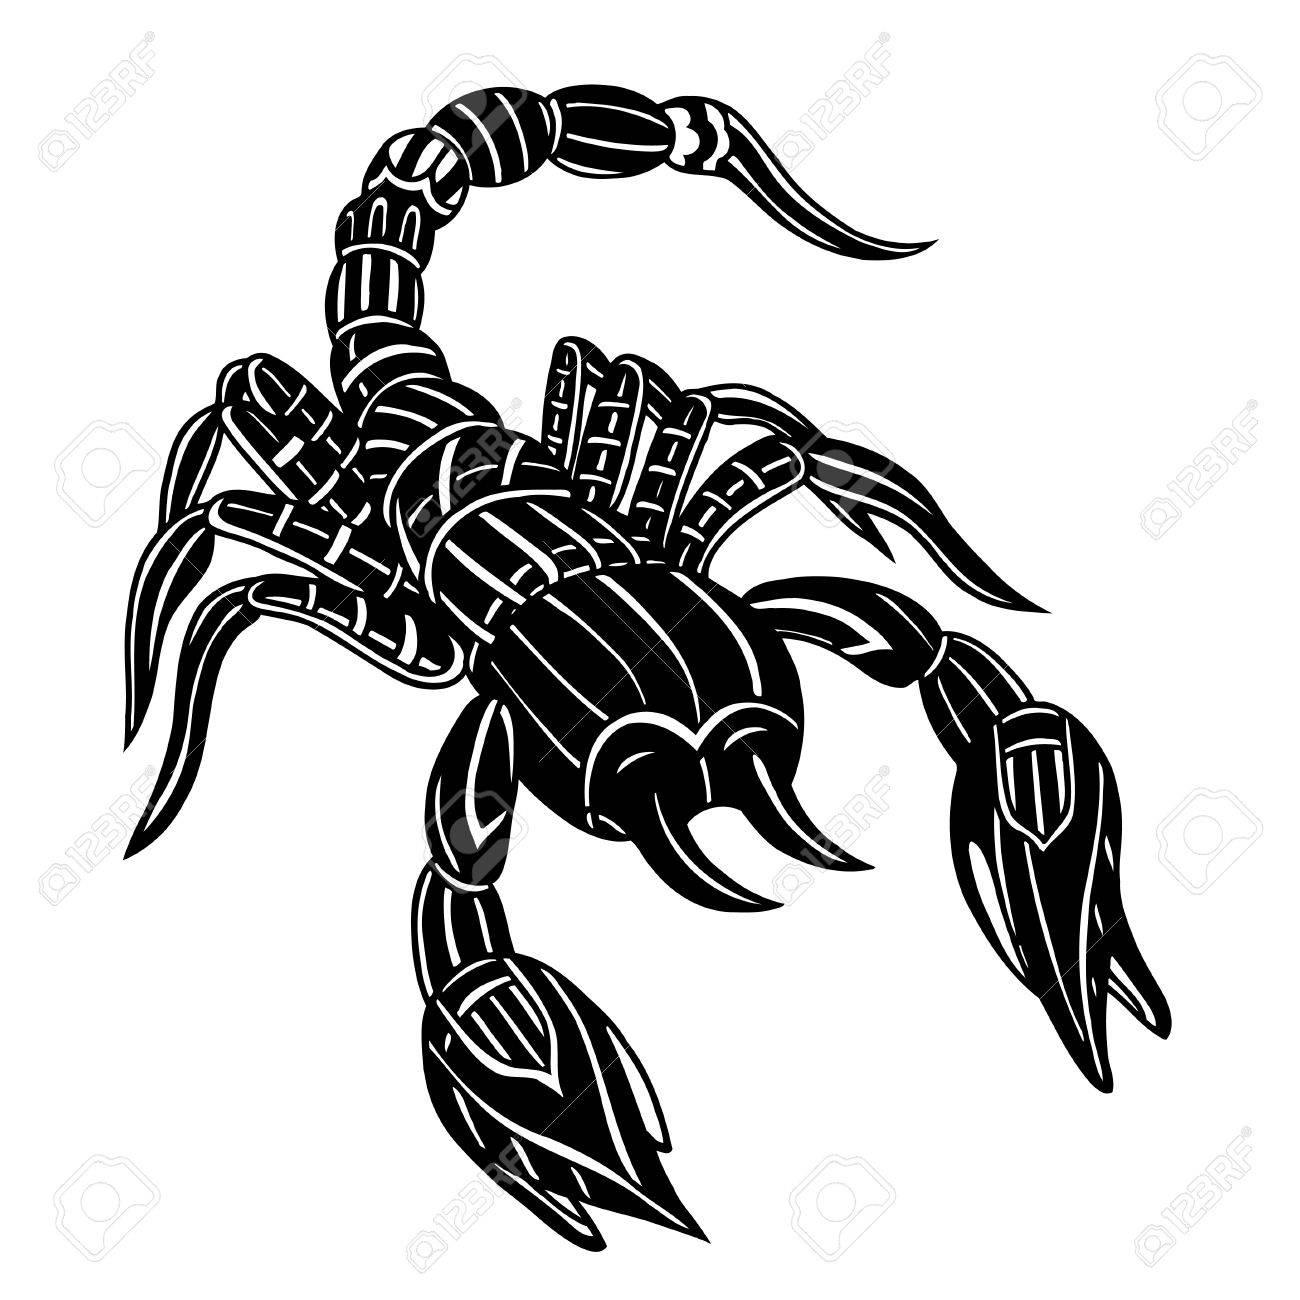 Vektor Der Abstract Skorpion Line Art Schwarze Und Weiße Hand